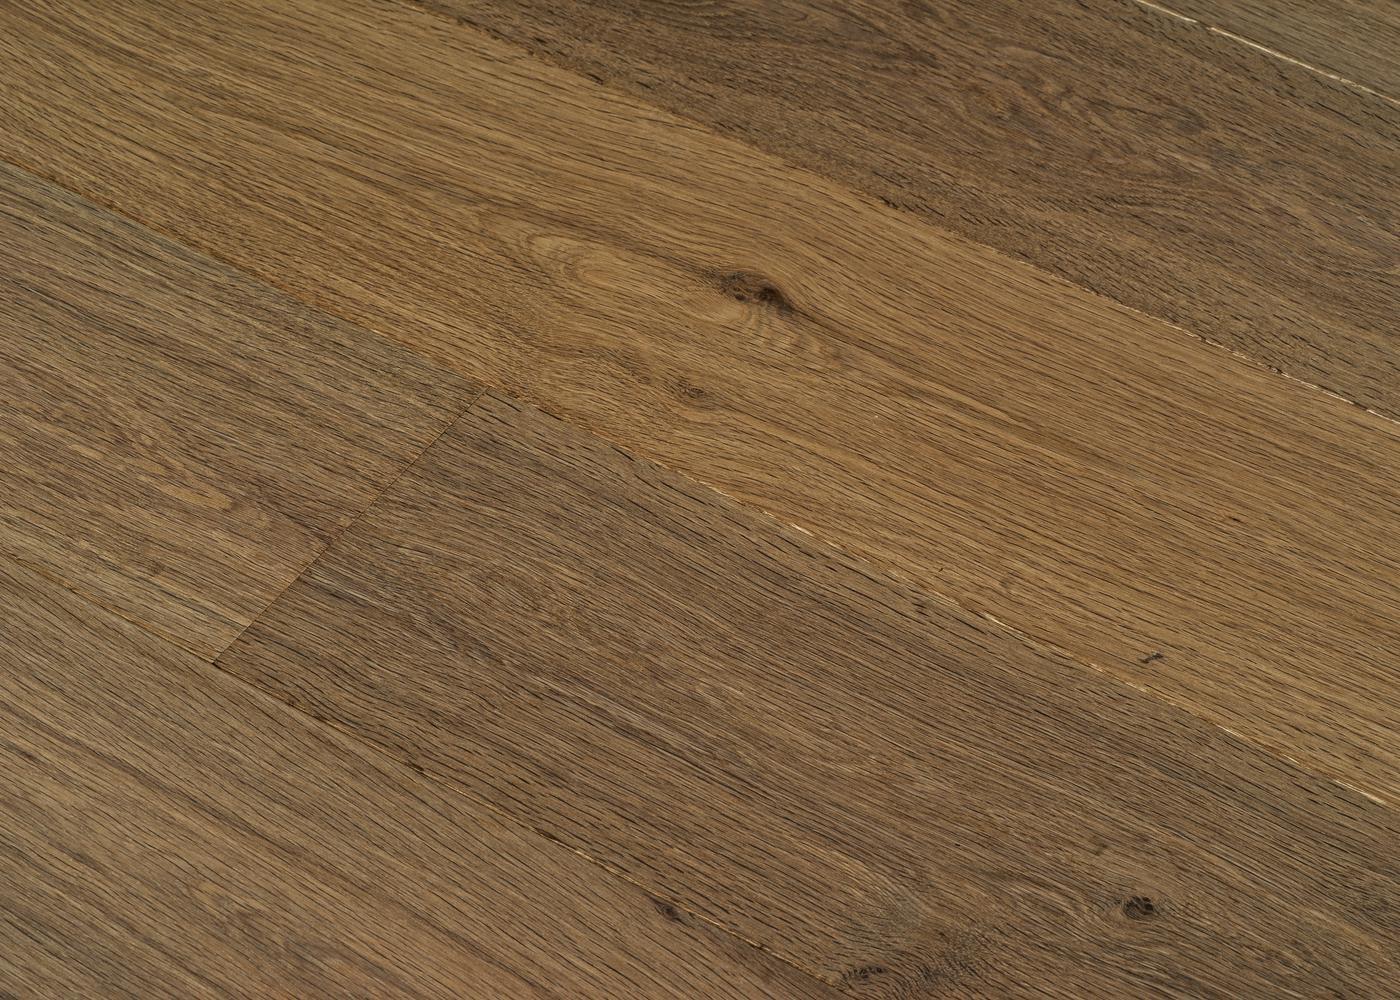 Parquet chêne contrecollé BASALTE Mélange 50% PRBis, 50% Matière 12x160x1000-2000